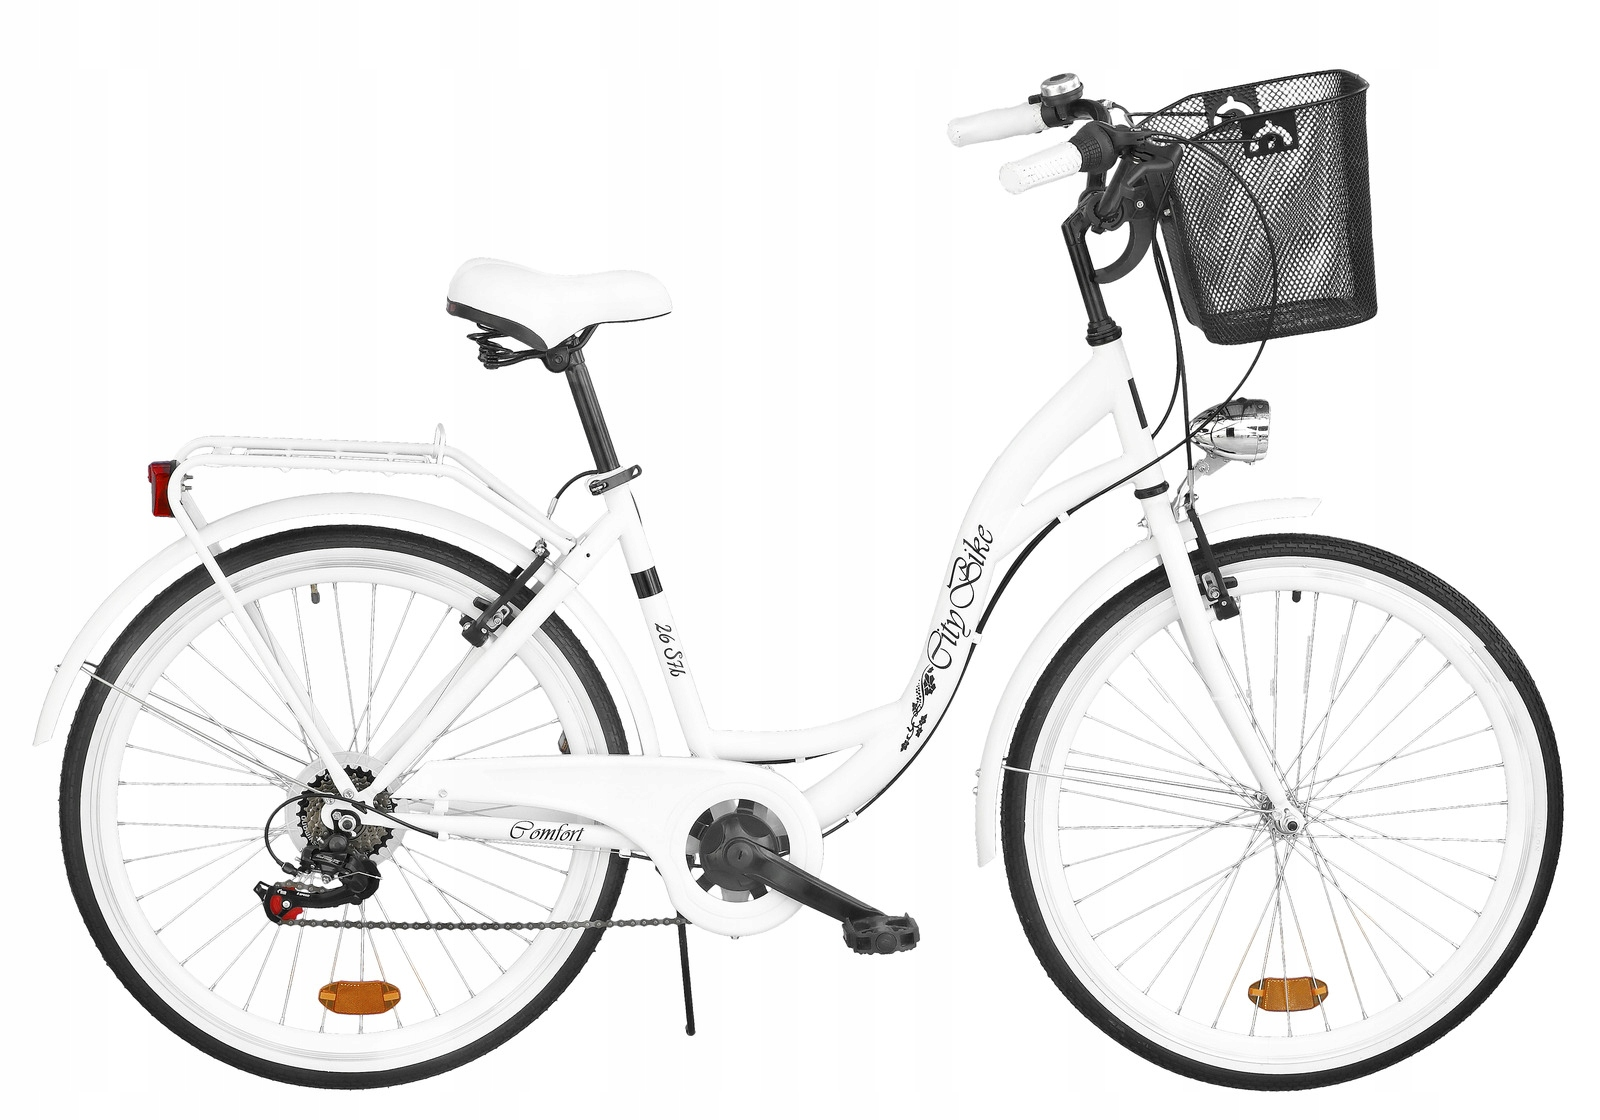 Dámsky mestský bicykel Citybike 26 palcov 7 Rush + KOŠÍK Biela farba